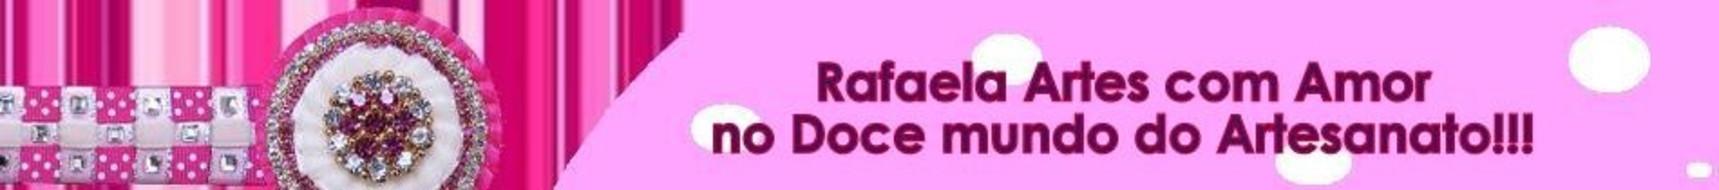 Rafaela Artes!!!